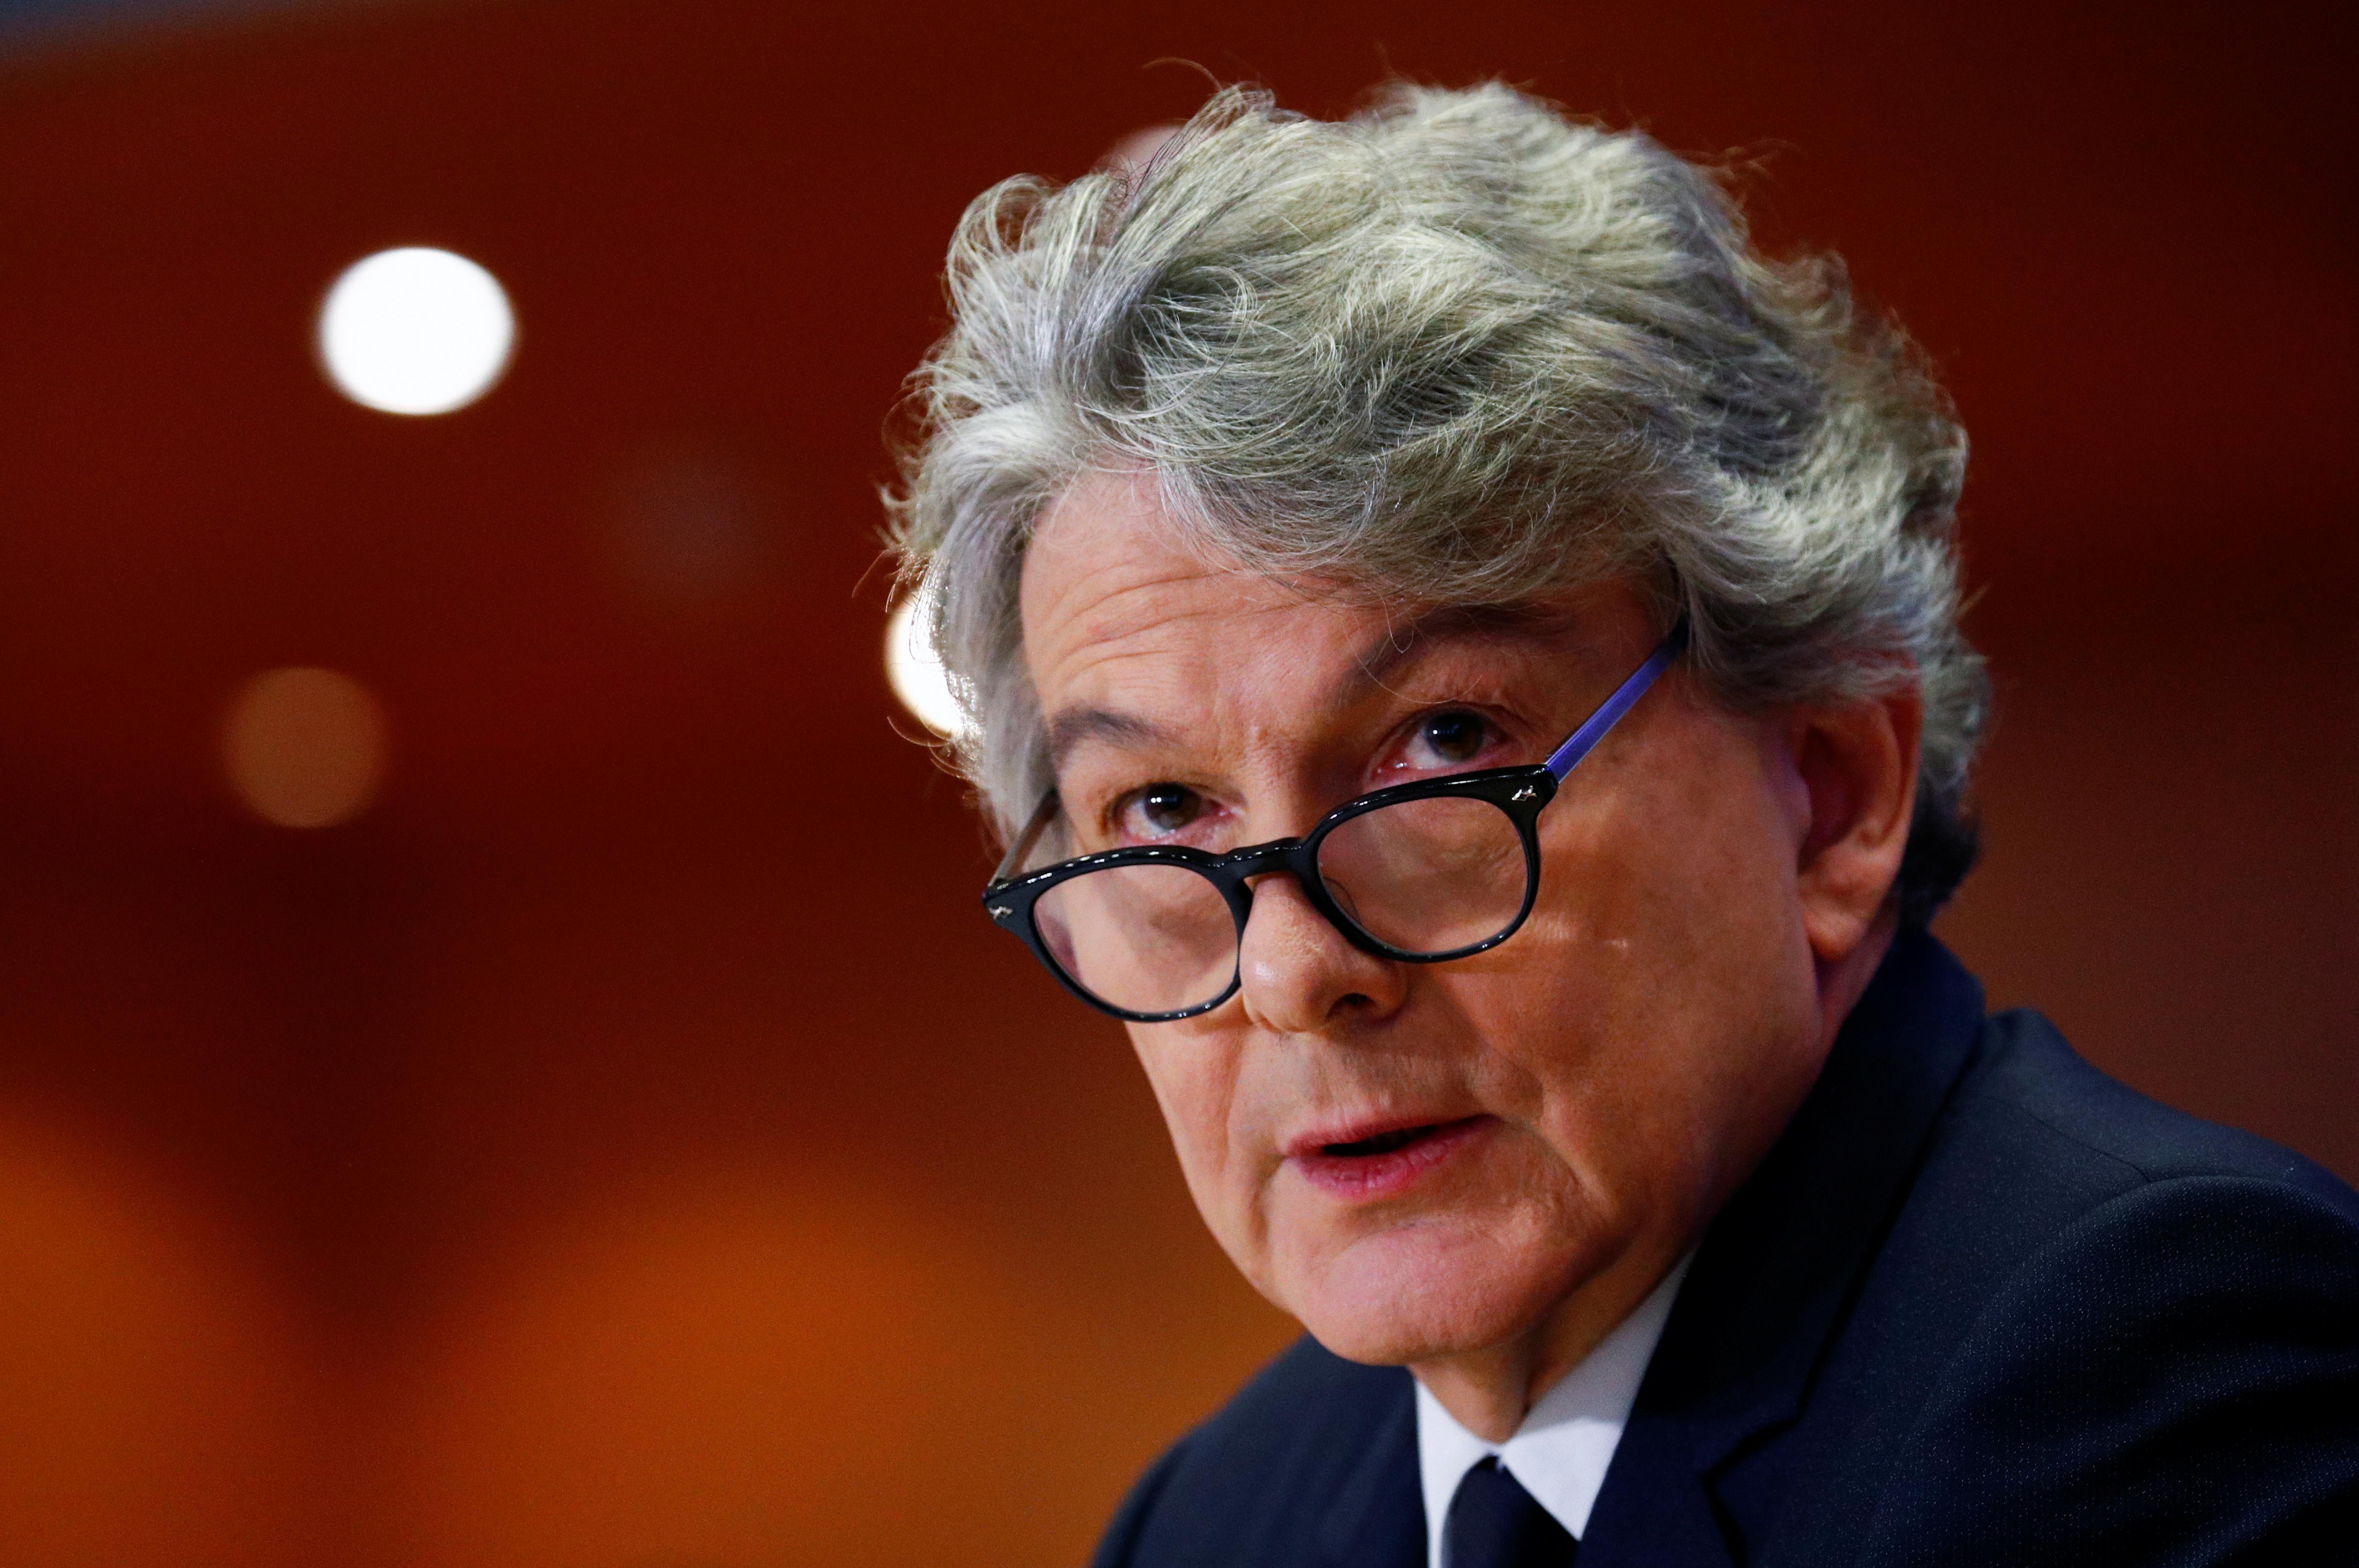 Le chef de l'industrie de l'UE rejette la crainte que des règles de sécurité strictes ne retardent la 5G